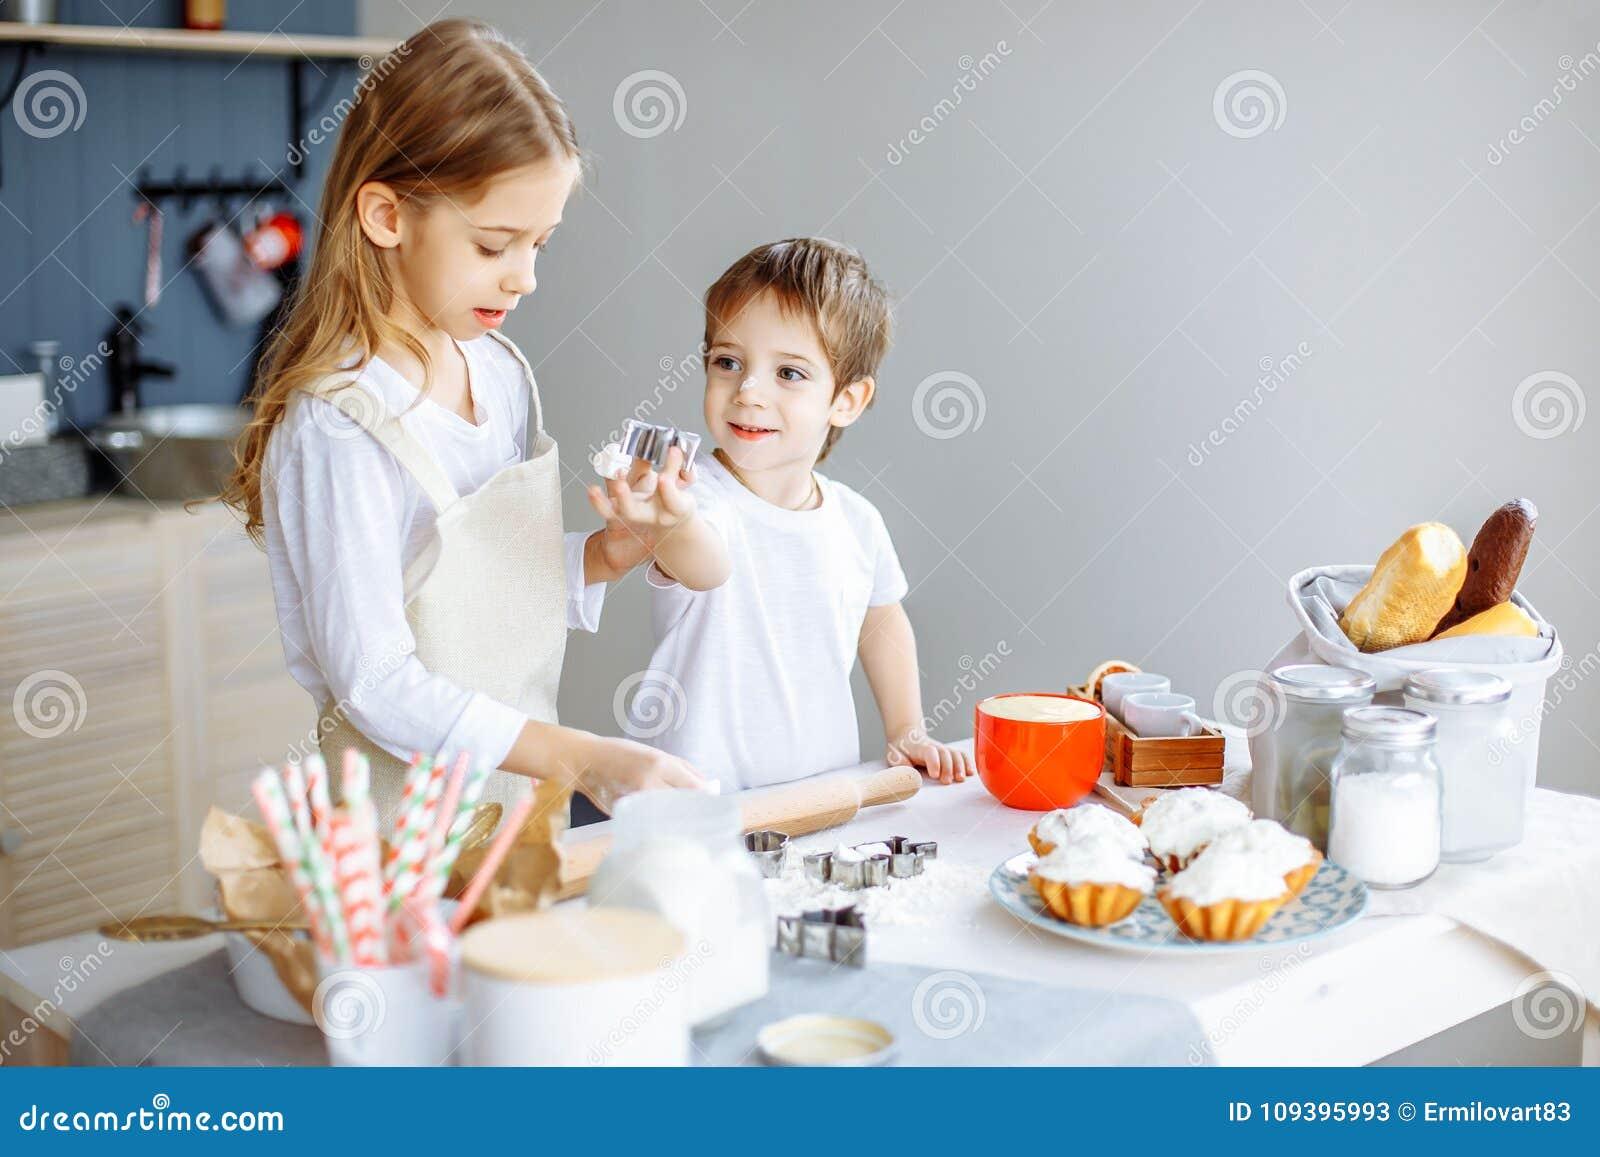 烹调烘烤曲奇饼厨房概念的孩子